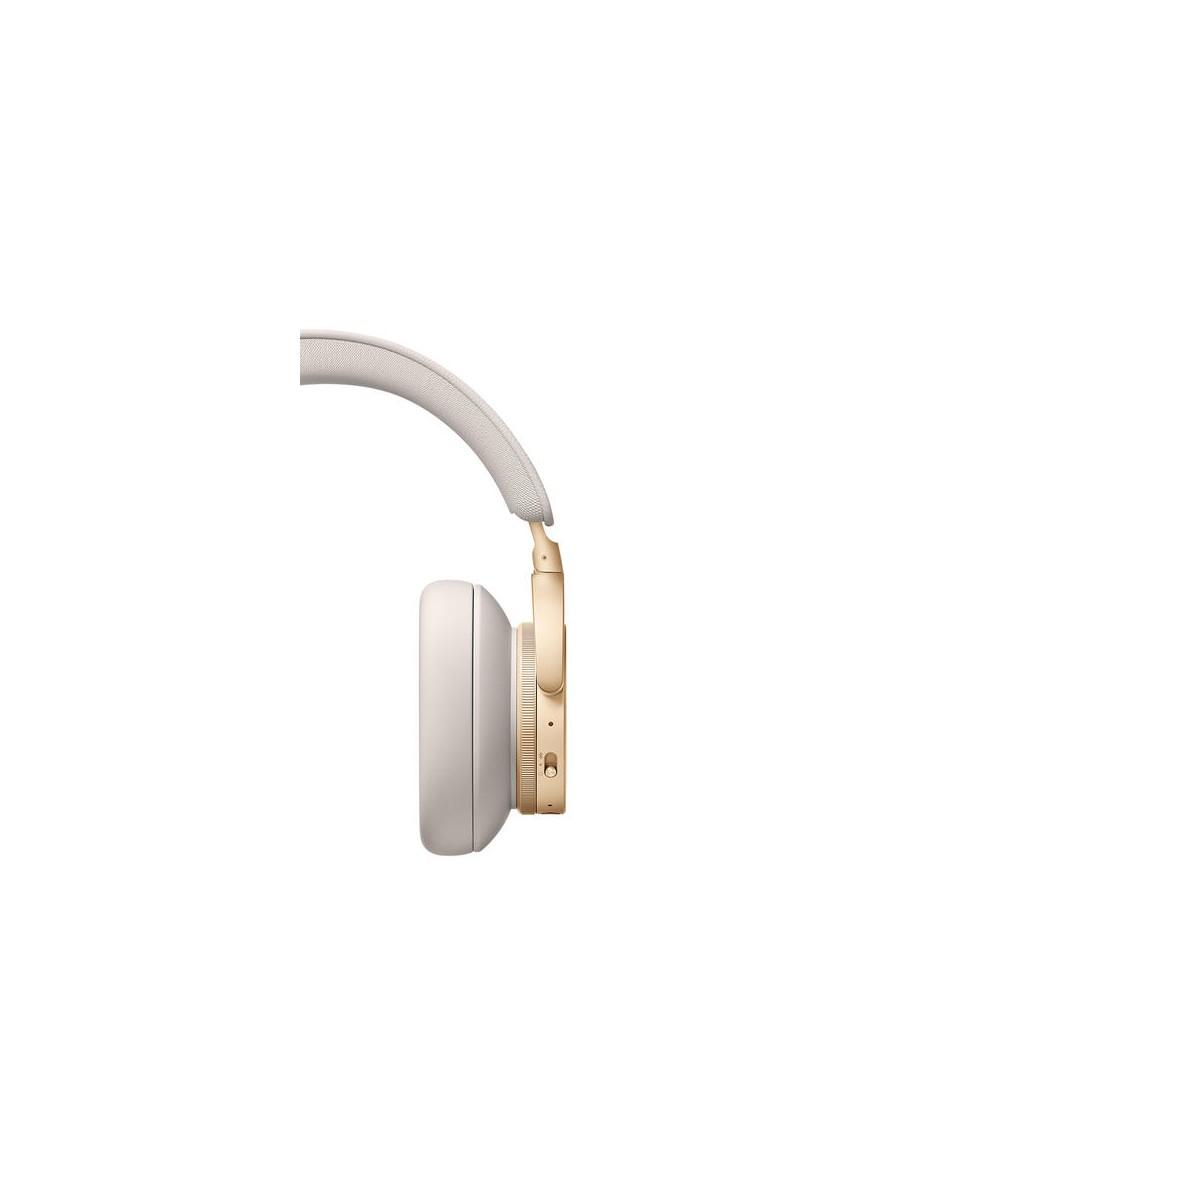 Gąbki do słuchawek BEOPLAY H95